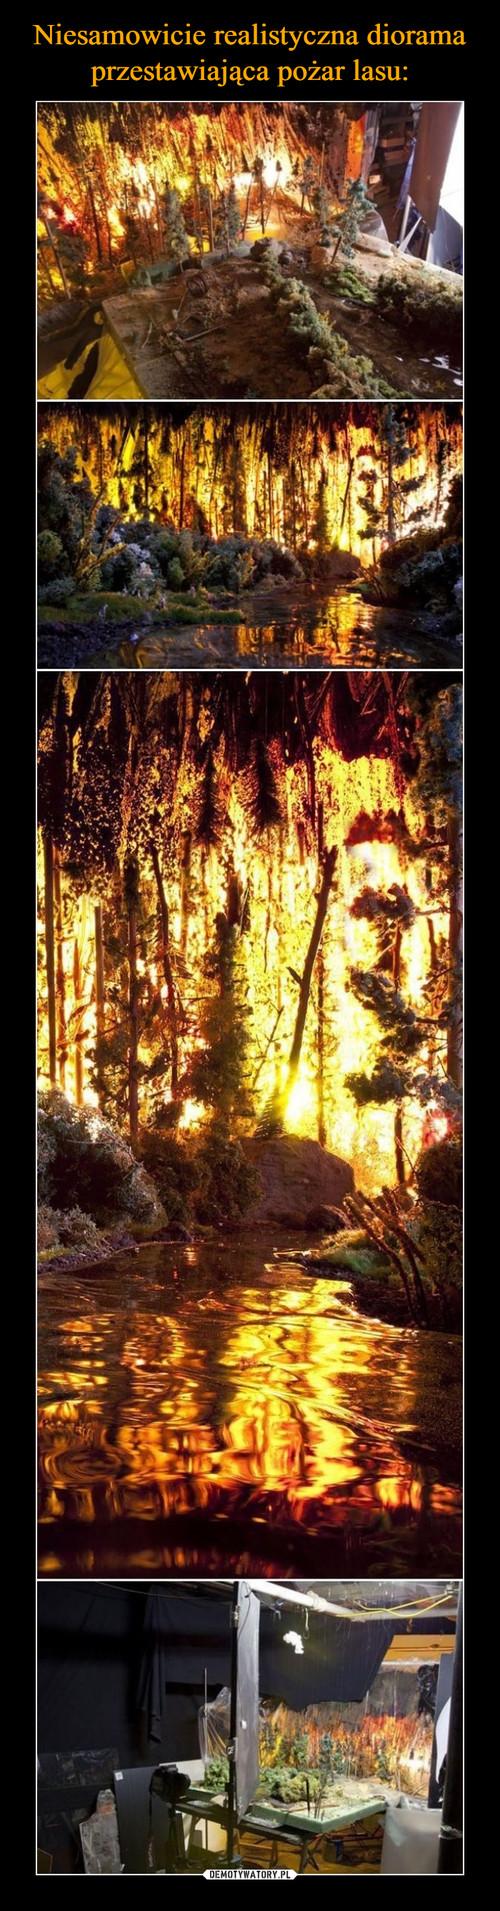 Niesamowicie realistyczna diorama przestawiająca pożar lasu: